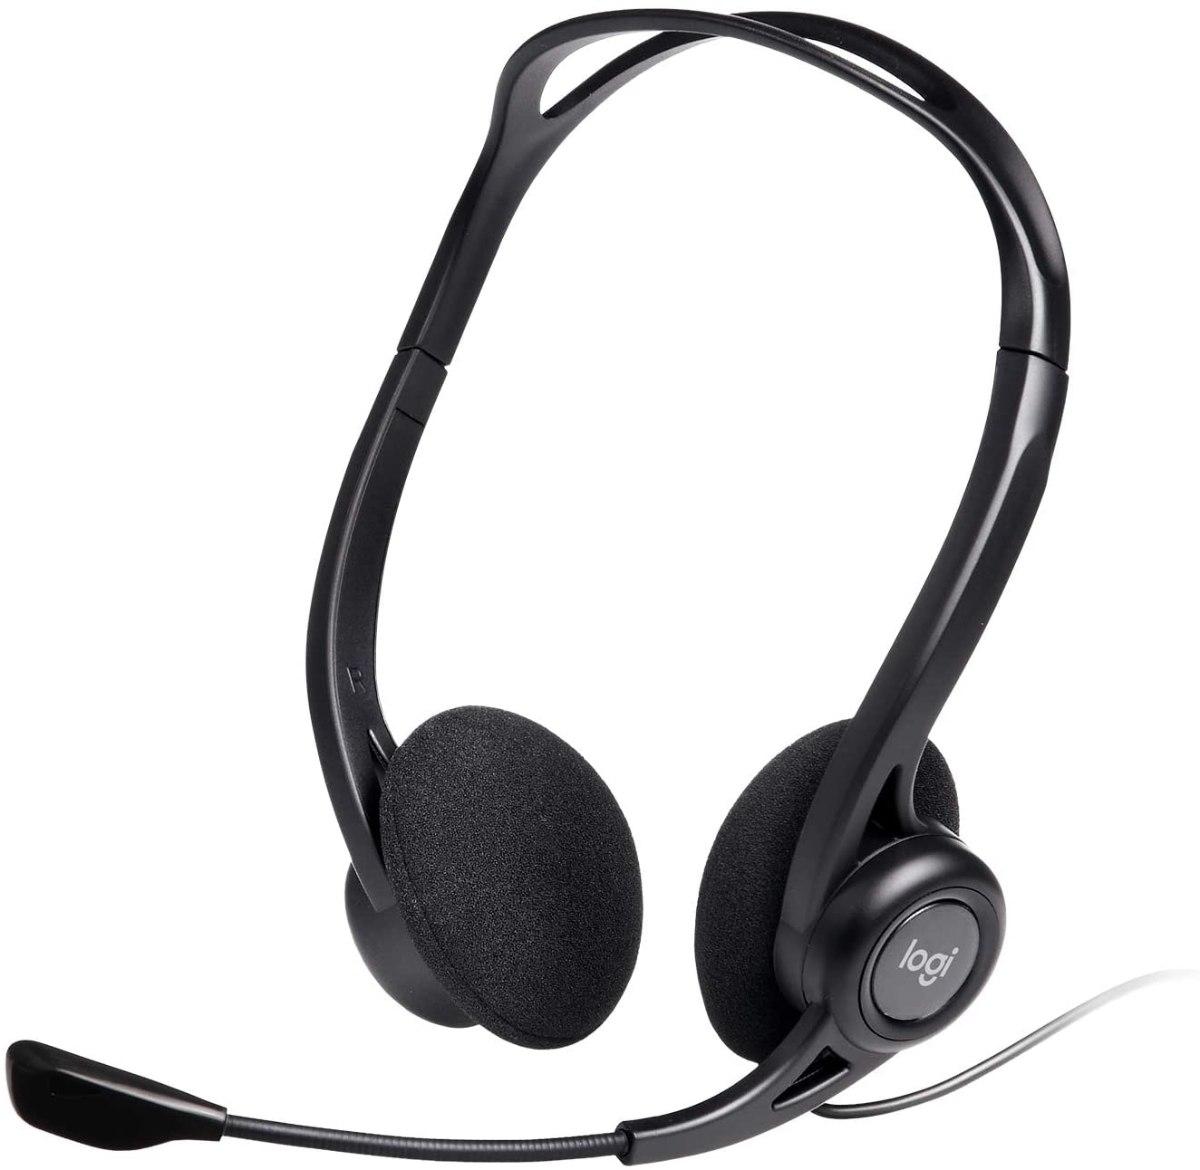 אוזניות חוטיות + מיקרופון מובנה -  Logitech PC960 לוגיטק